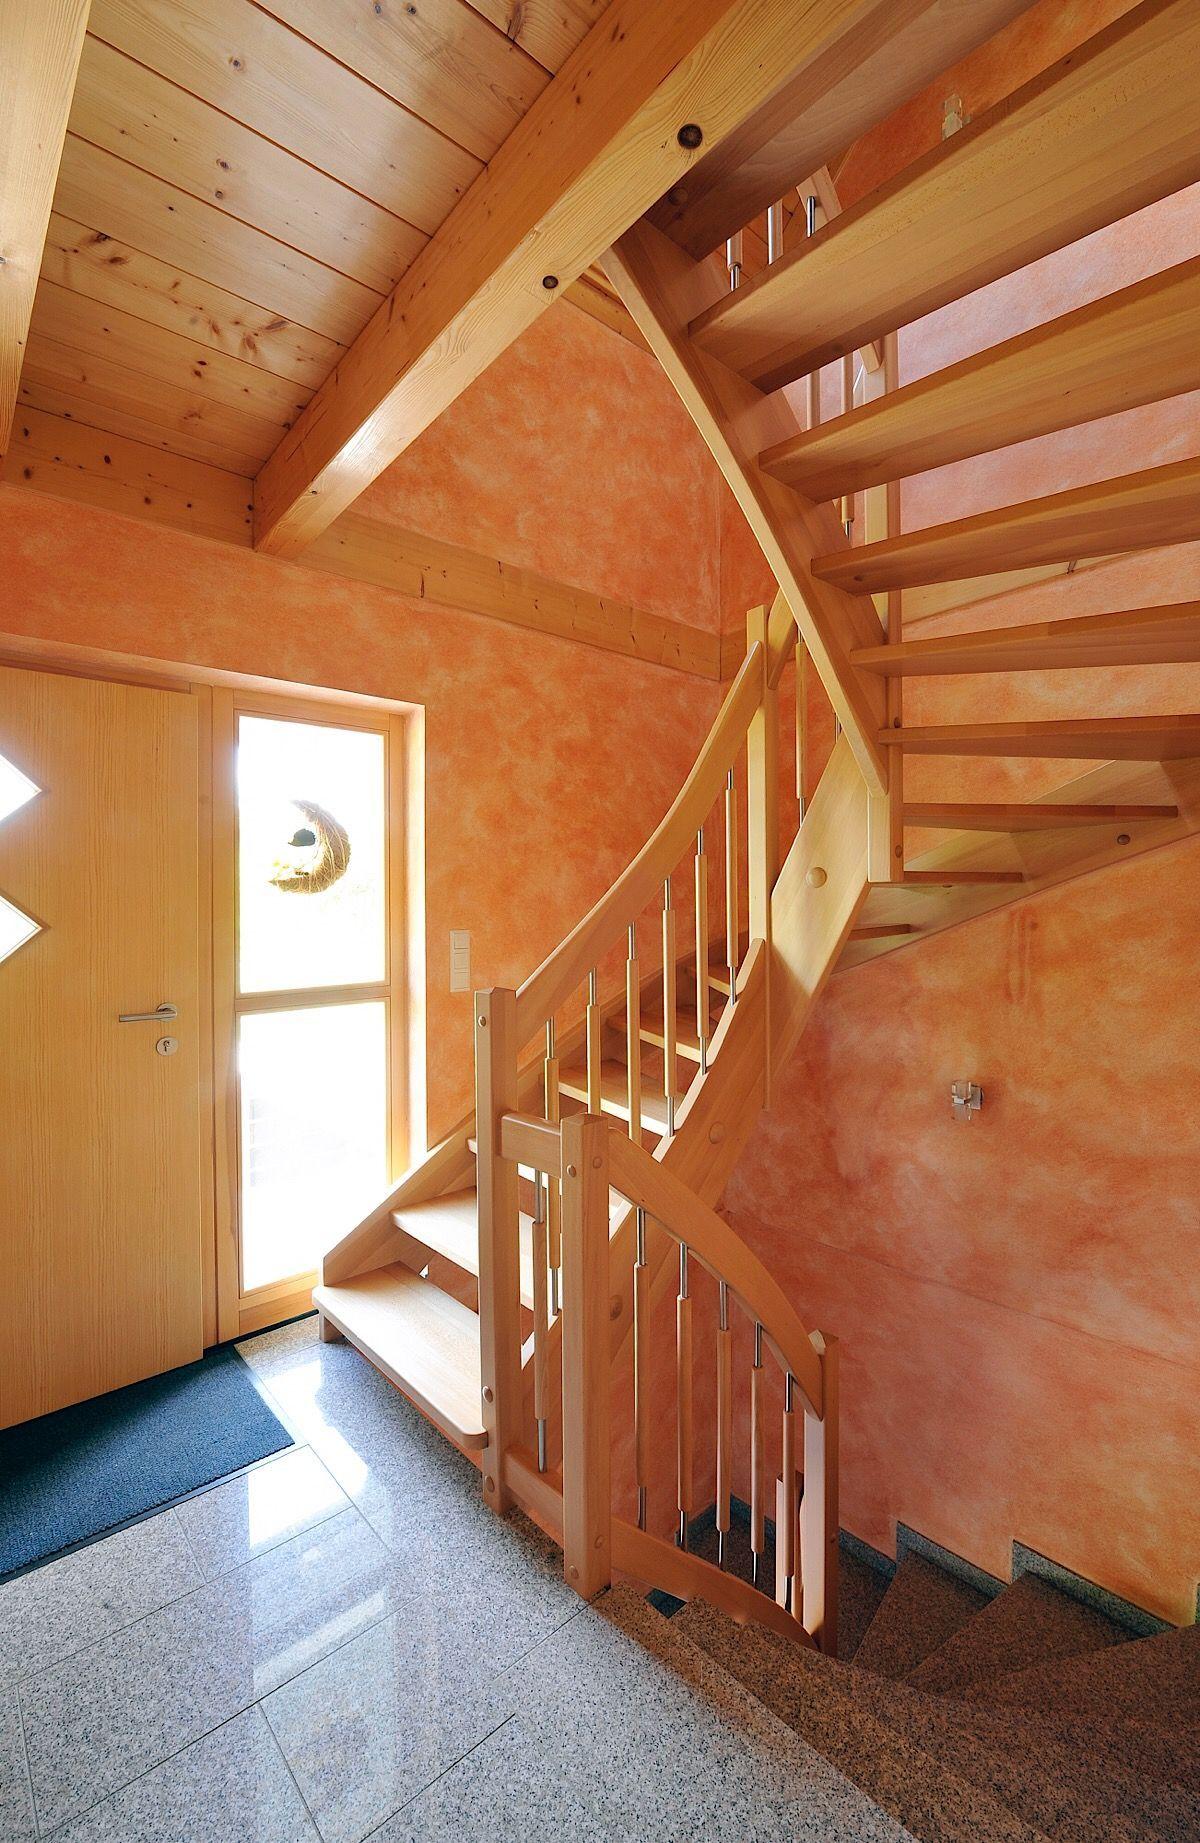 Holzhaus innen mit offener Holztreppe im Eingangsbereich